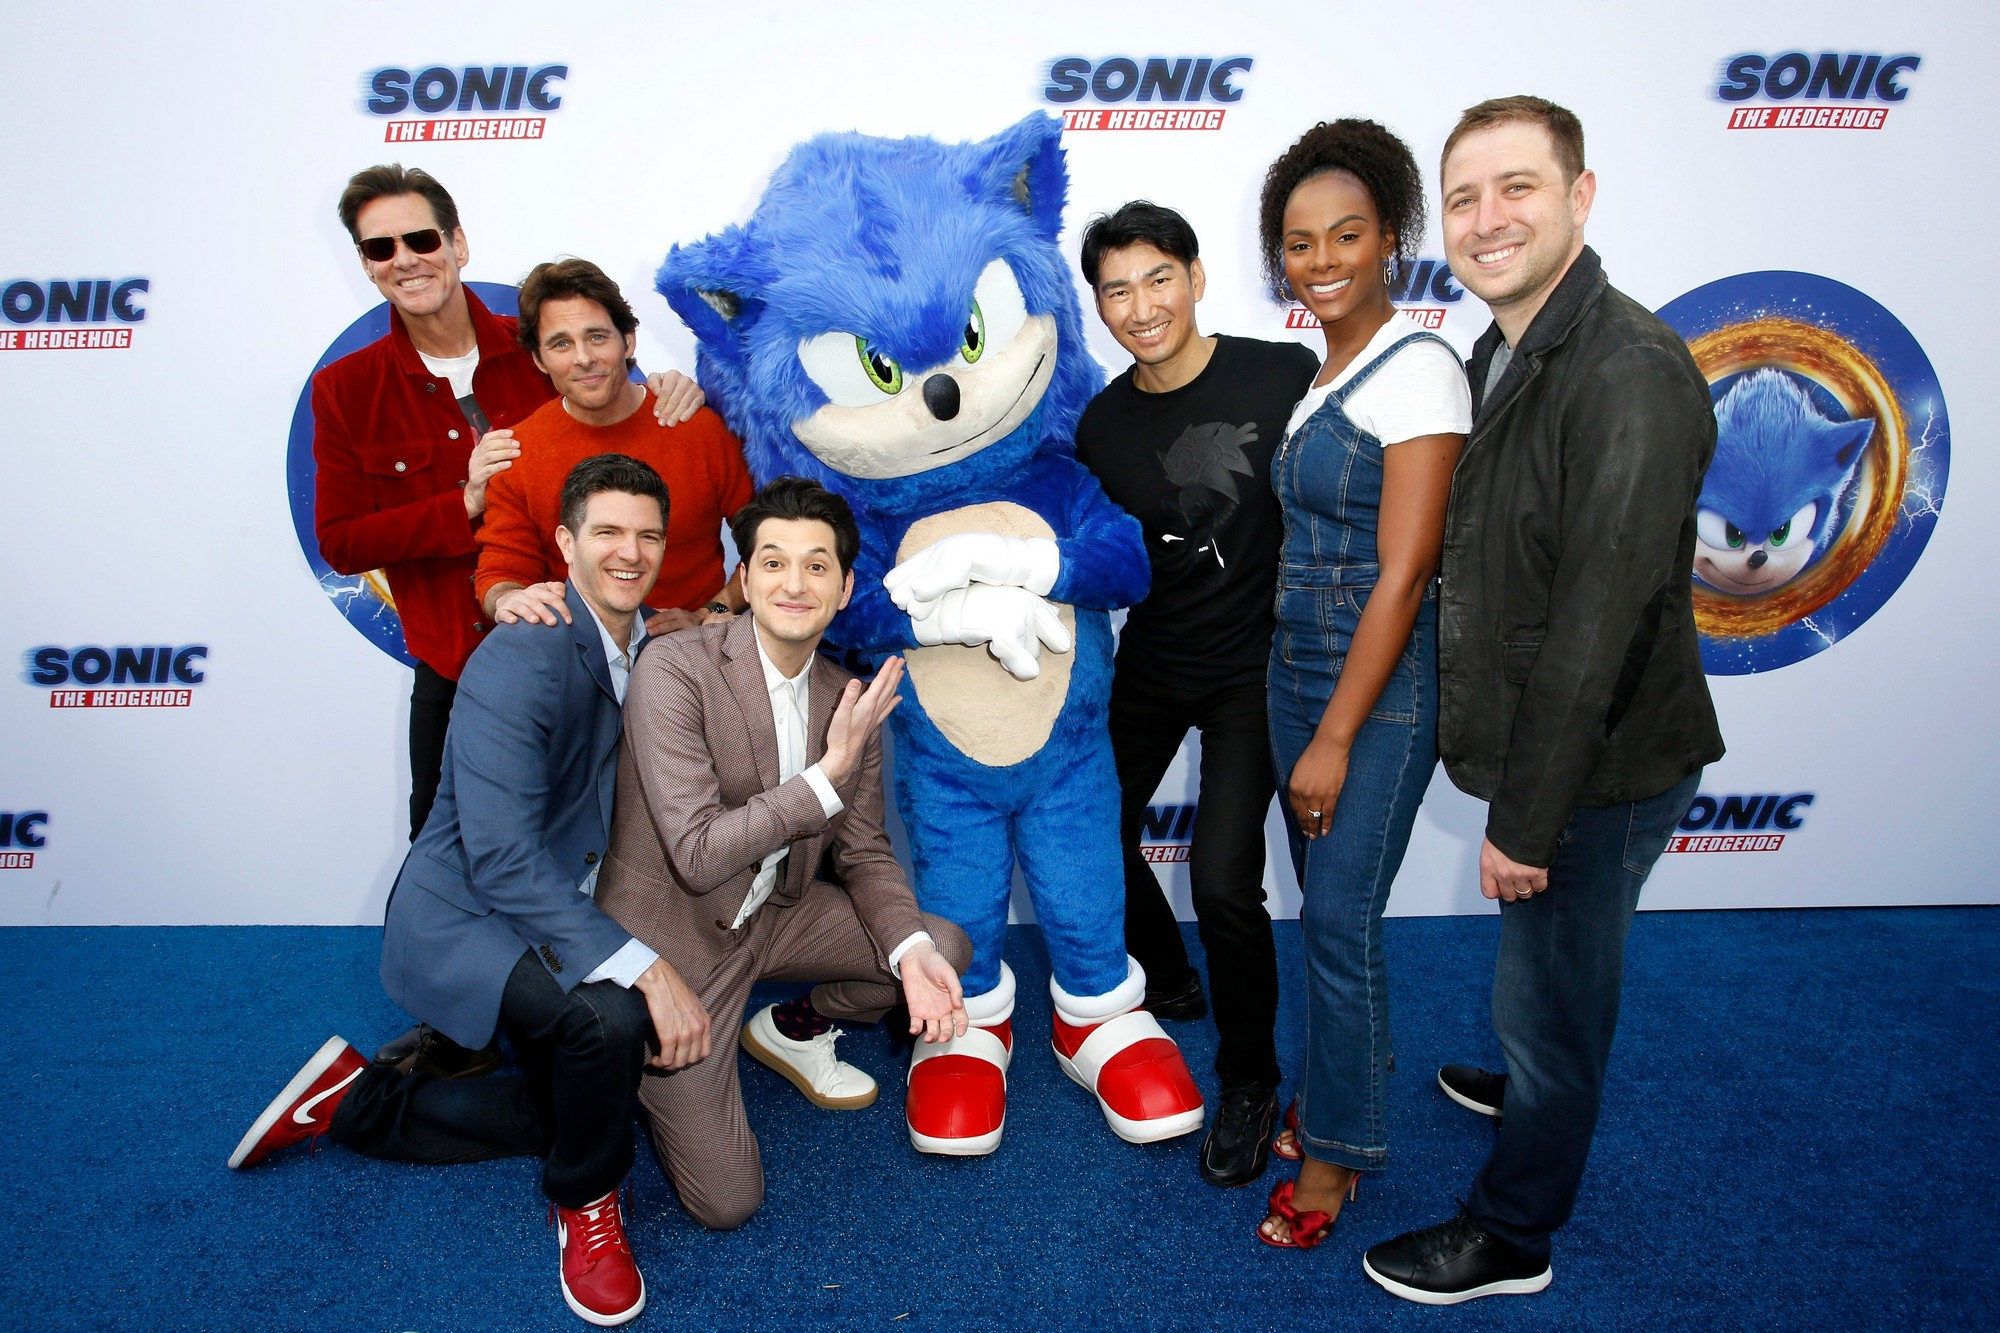 Paramount и Sega официально подтвердили начало работ над сиквелом фильма Sonic the Hedgehog / «Ёжик Соник»